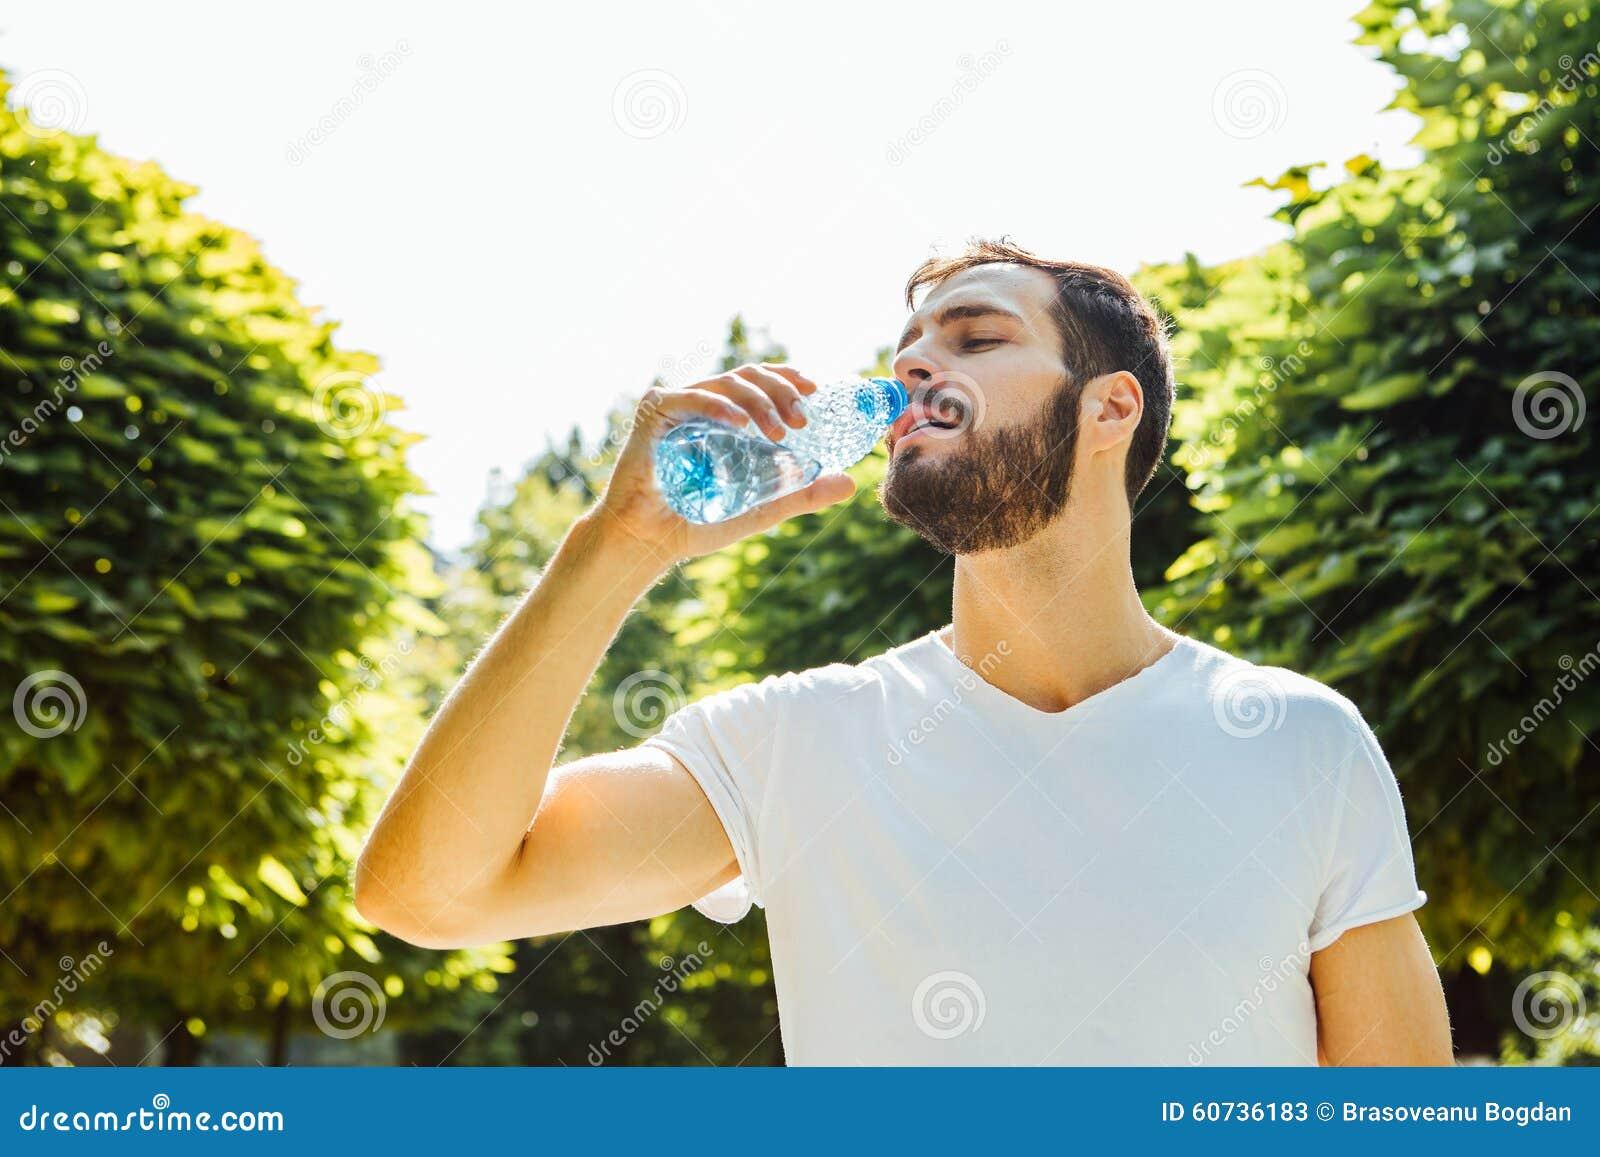 Volwassen mensen drinkwater van een fles buiten